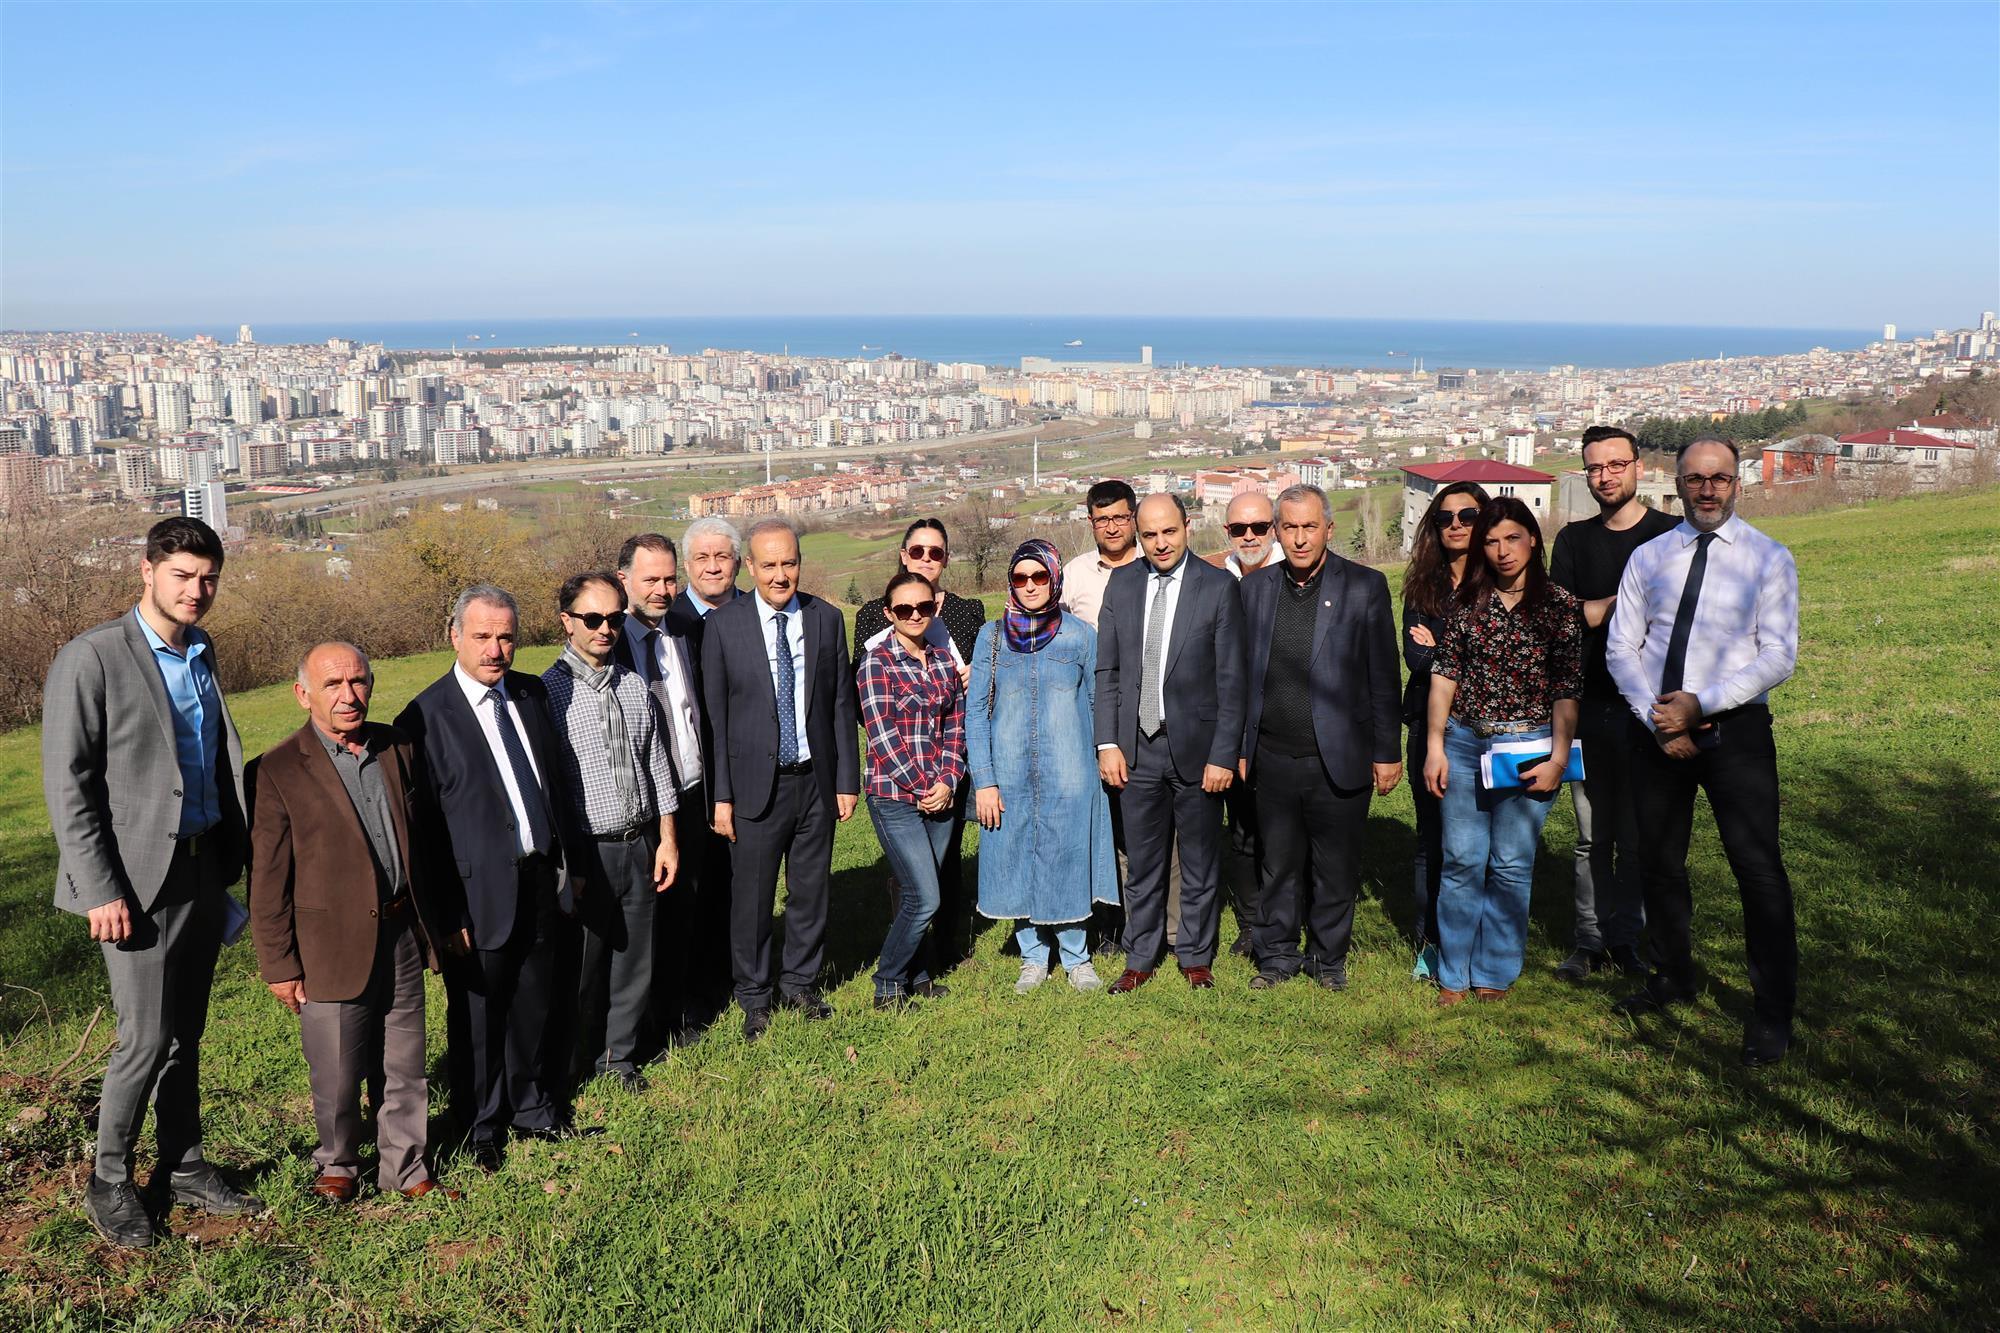 Samsun Şehir Hastanesi Saha Çalışmaları İçin Sağlık Bakanlığı Teknik Değerlendirme Ekibi Samsun'a Geldi